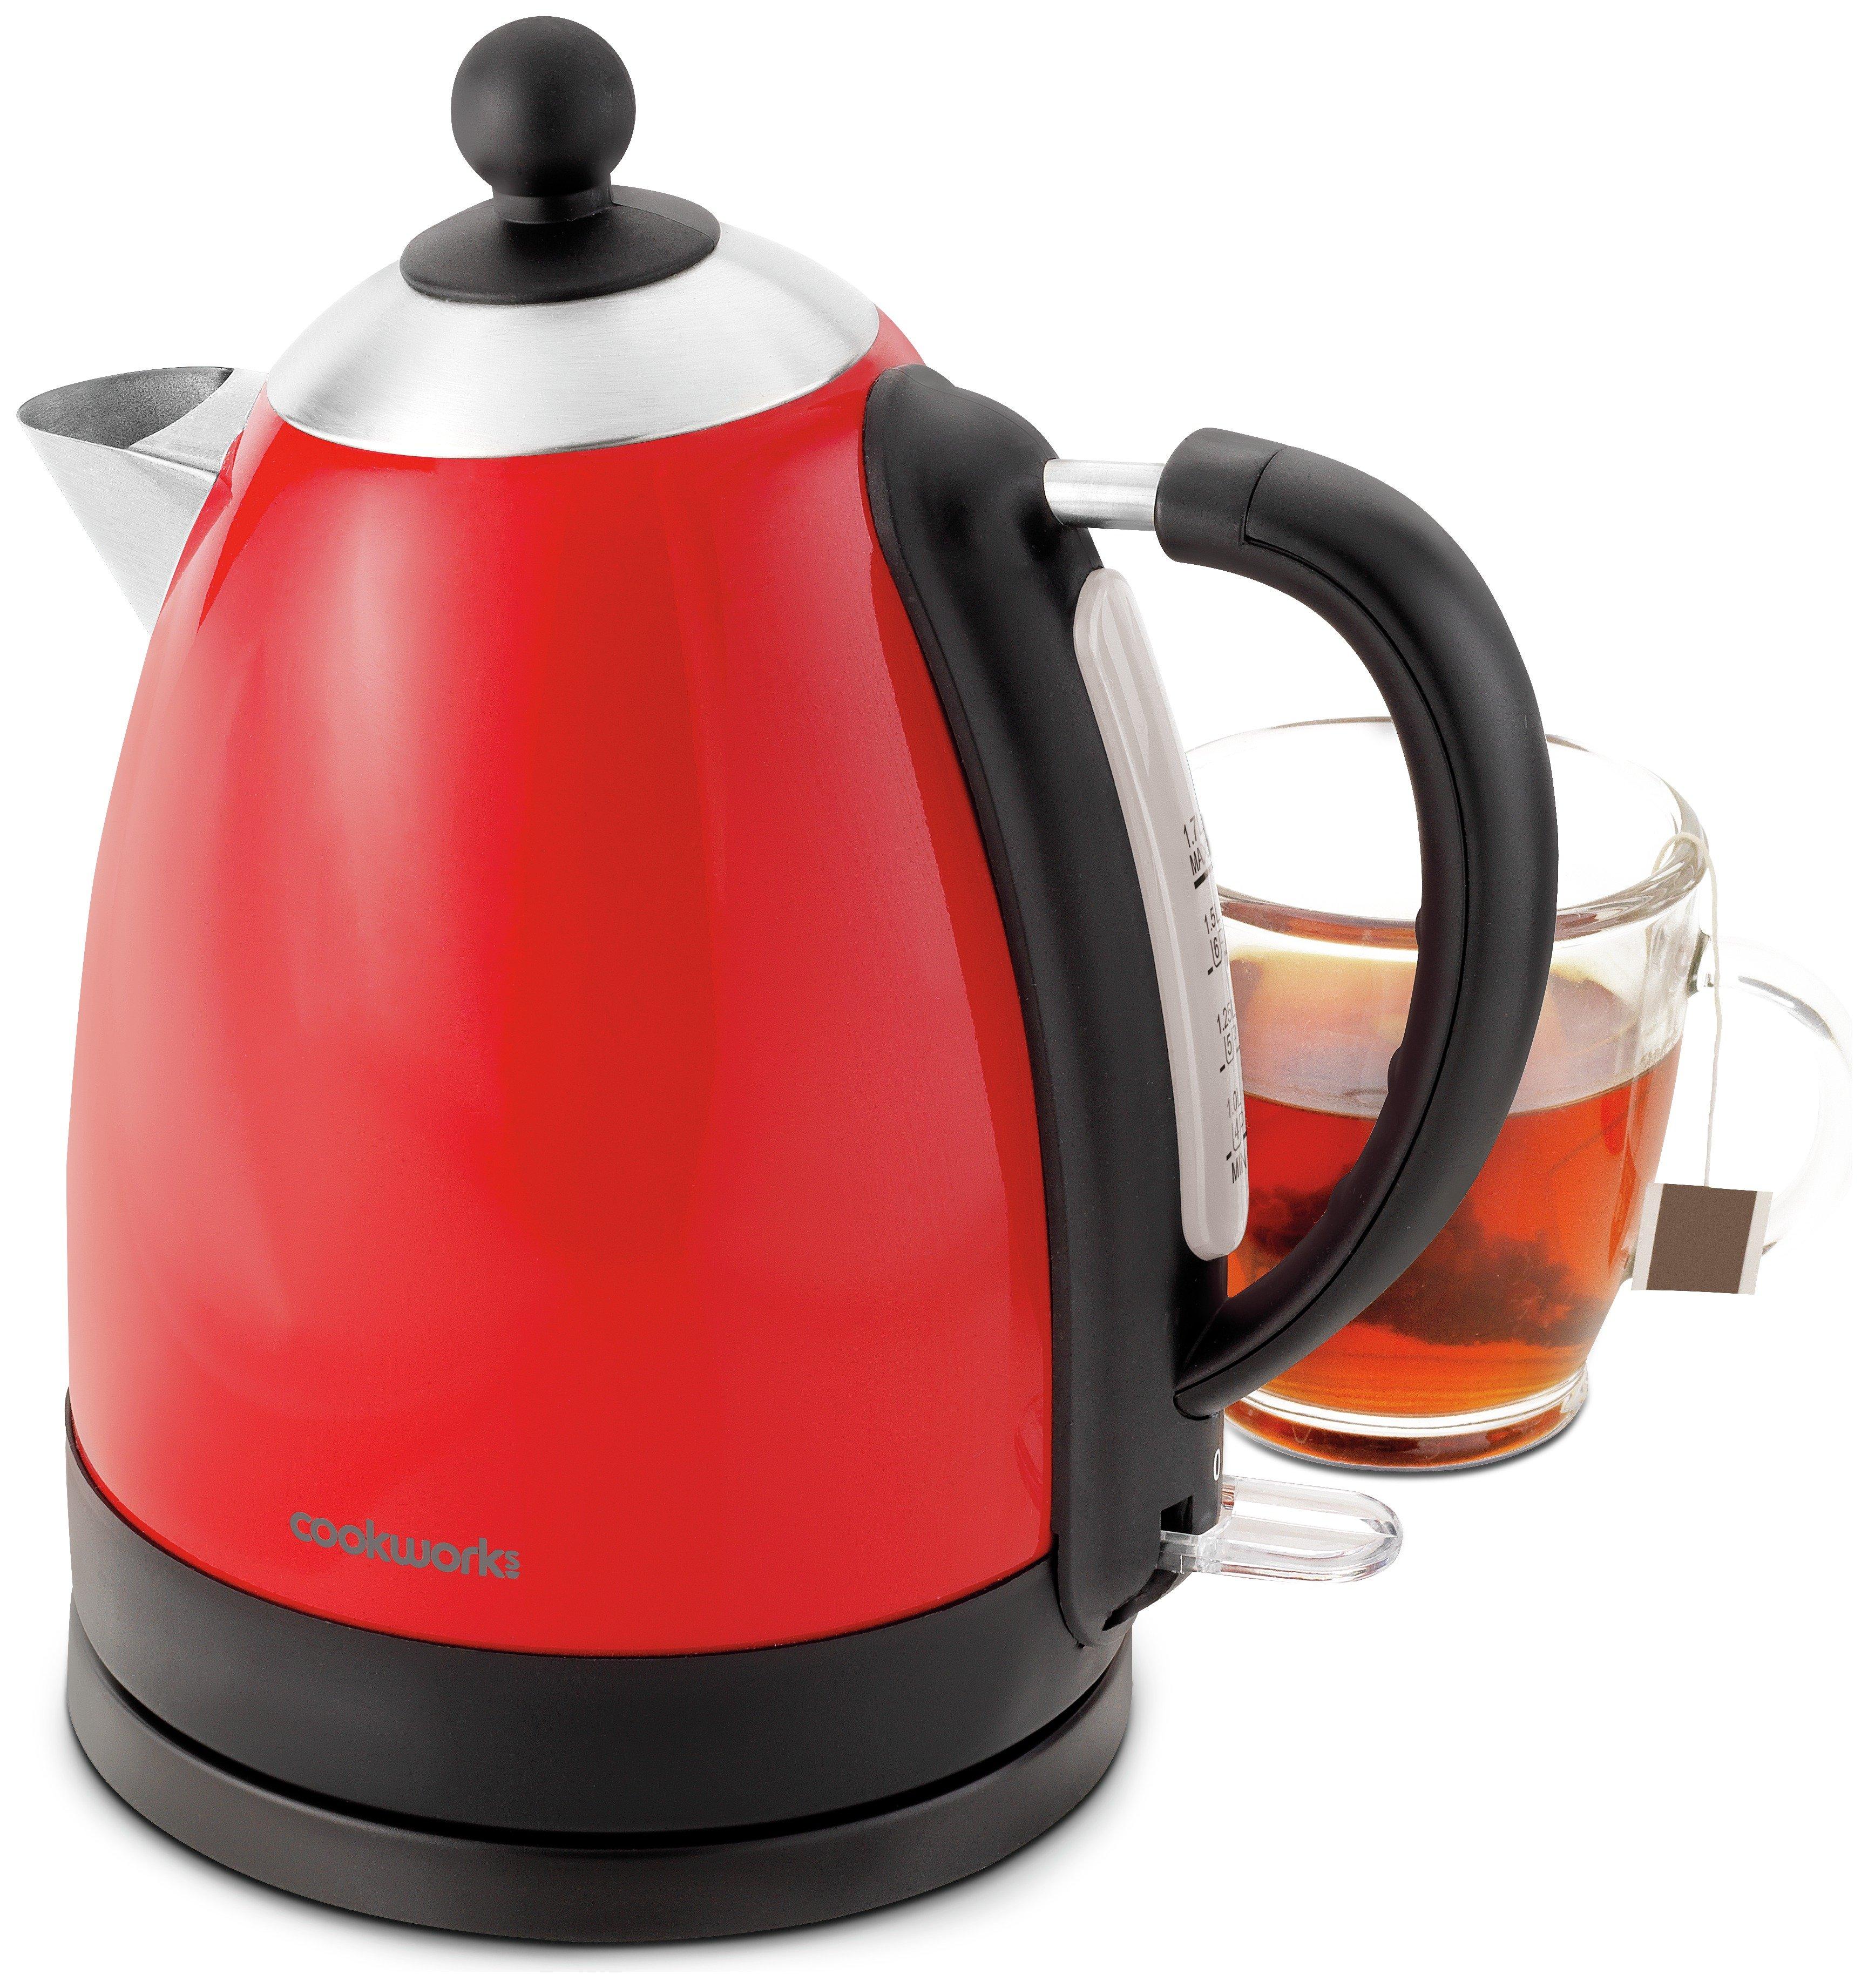 Image of Cookworks Jug Kettle - Red